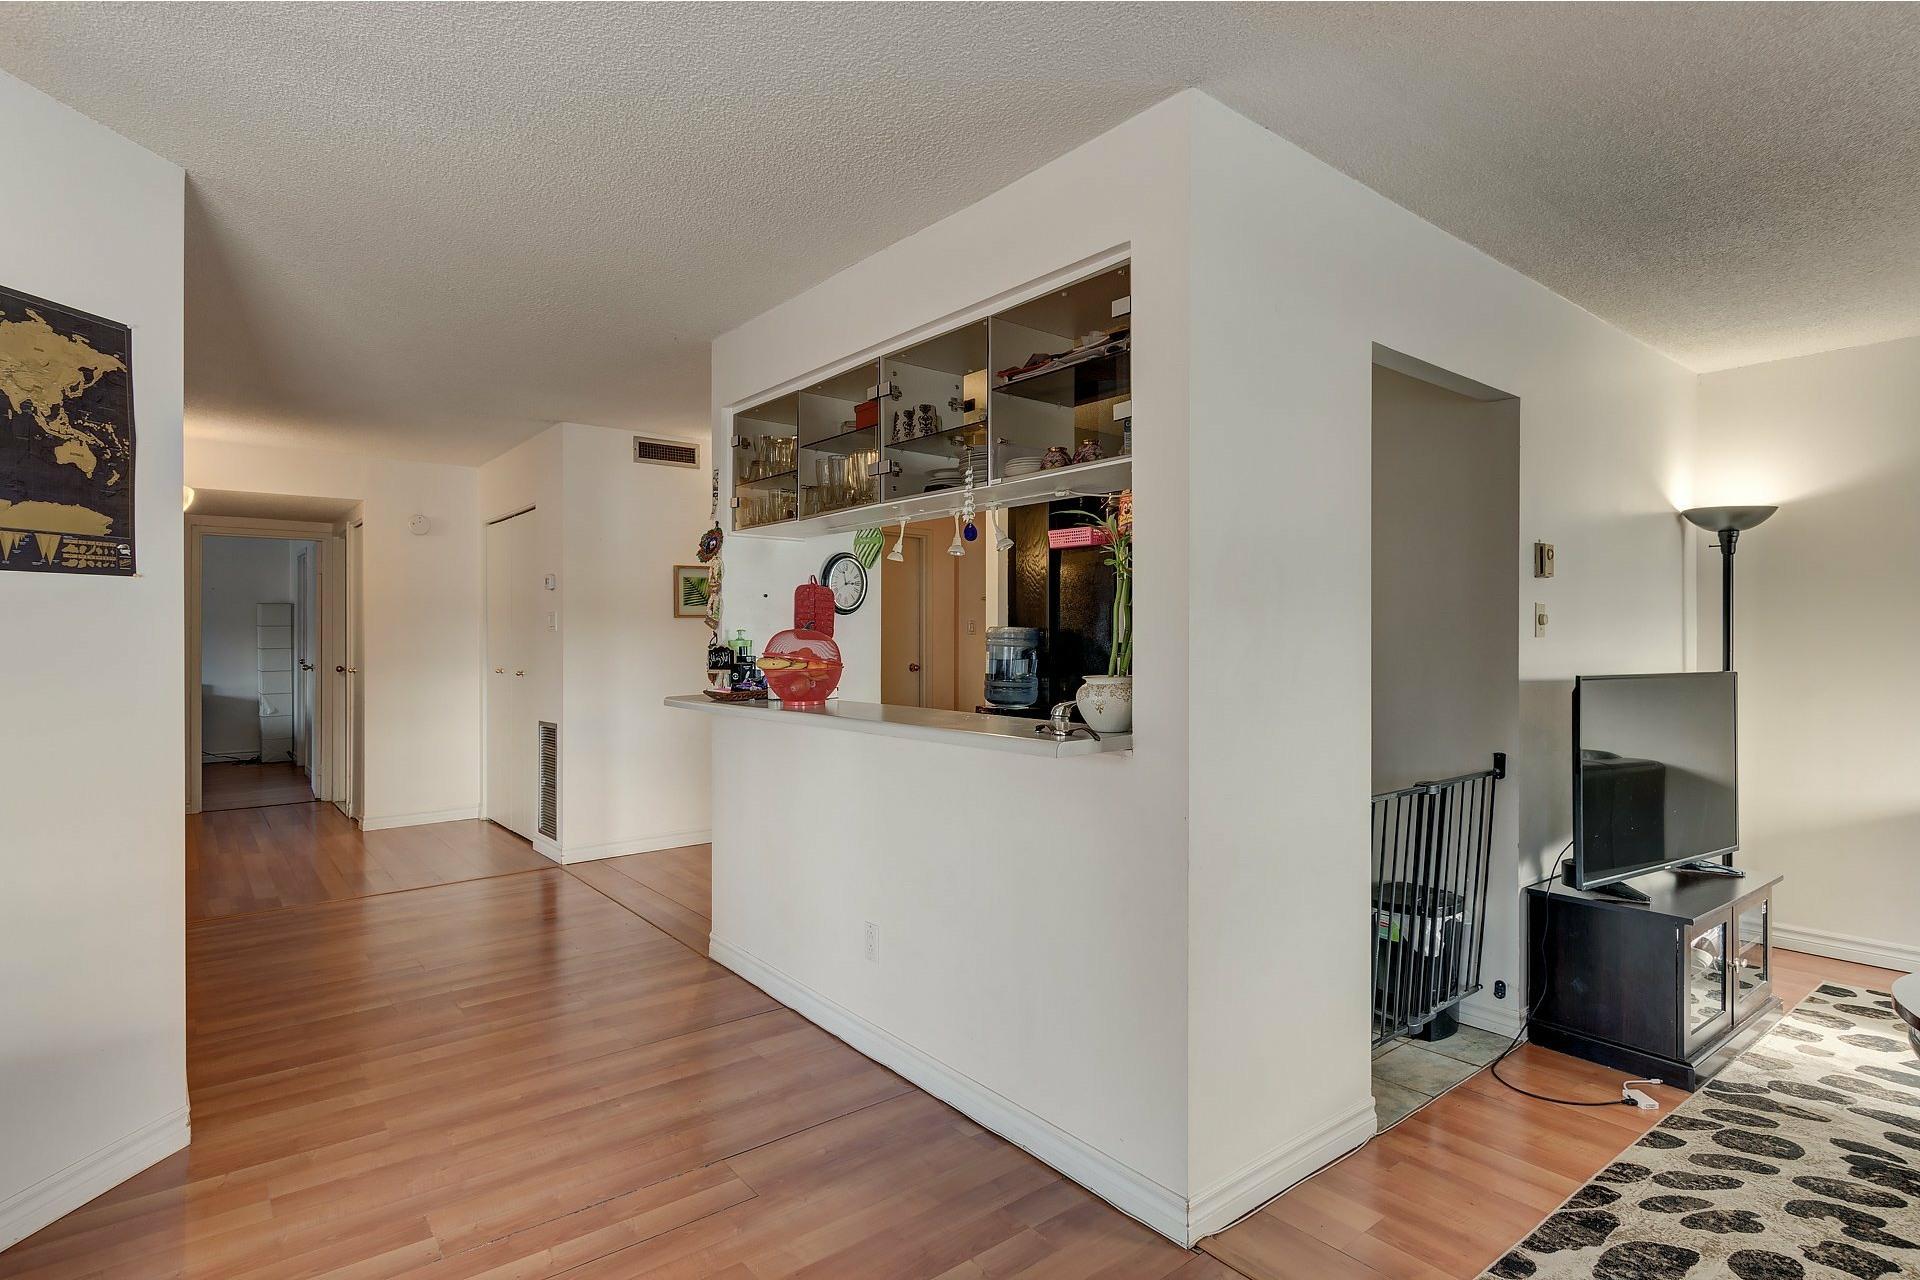 image 19 - Apartment For rent Ville-Marie Montréal  - 6 rooms